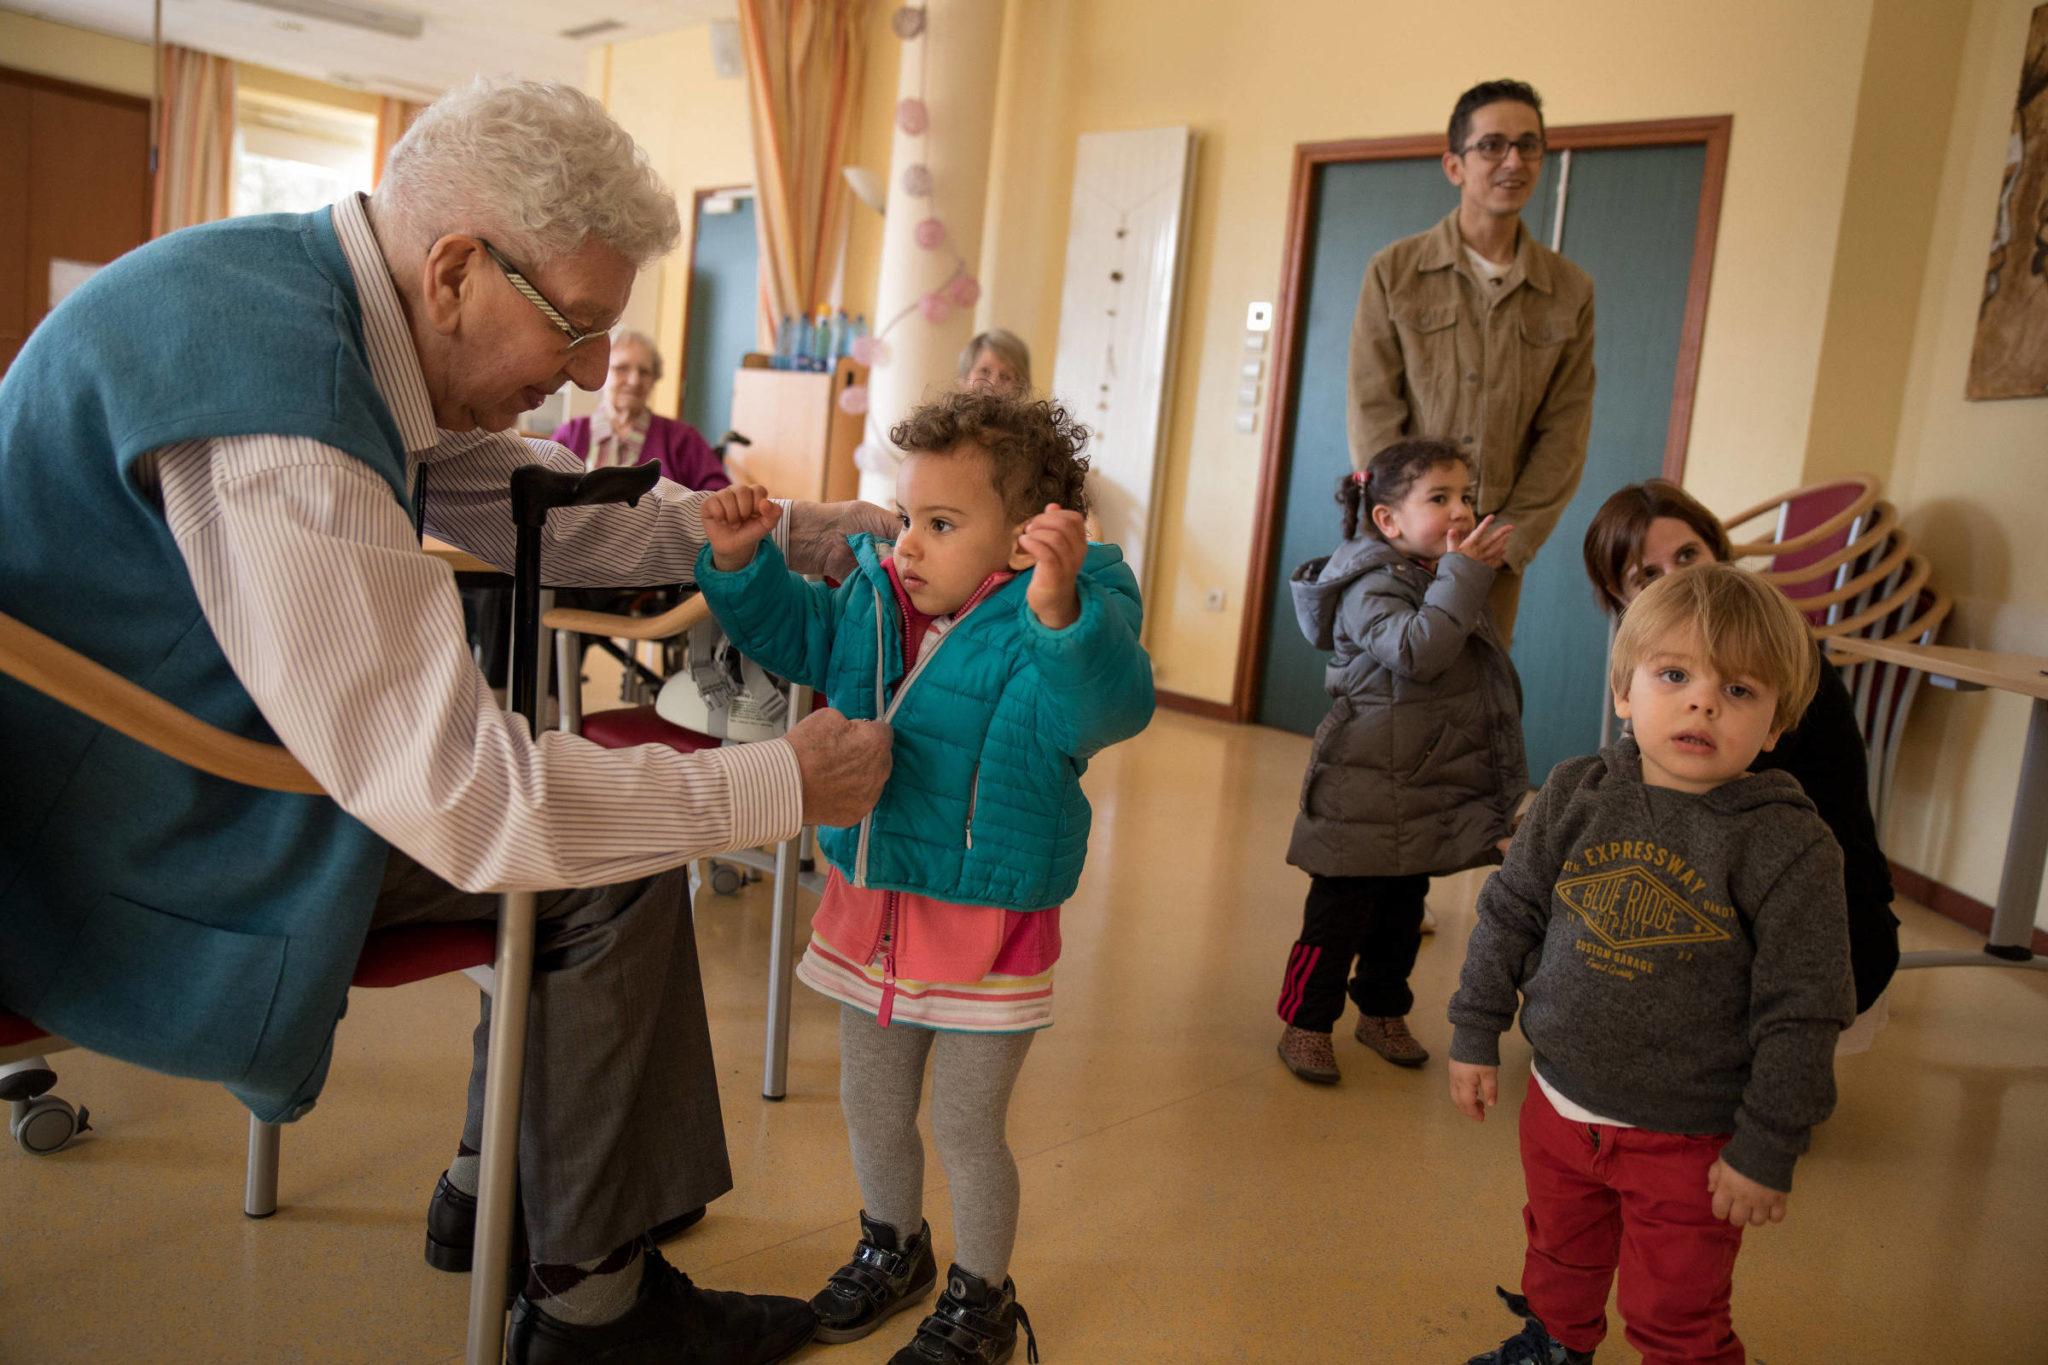 Sala de Aula:  o que é Cultura do Cuidado? Ela é urgente e salva idosos